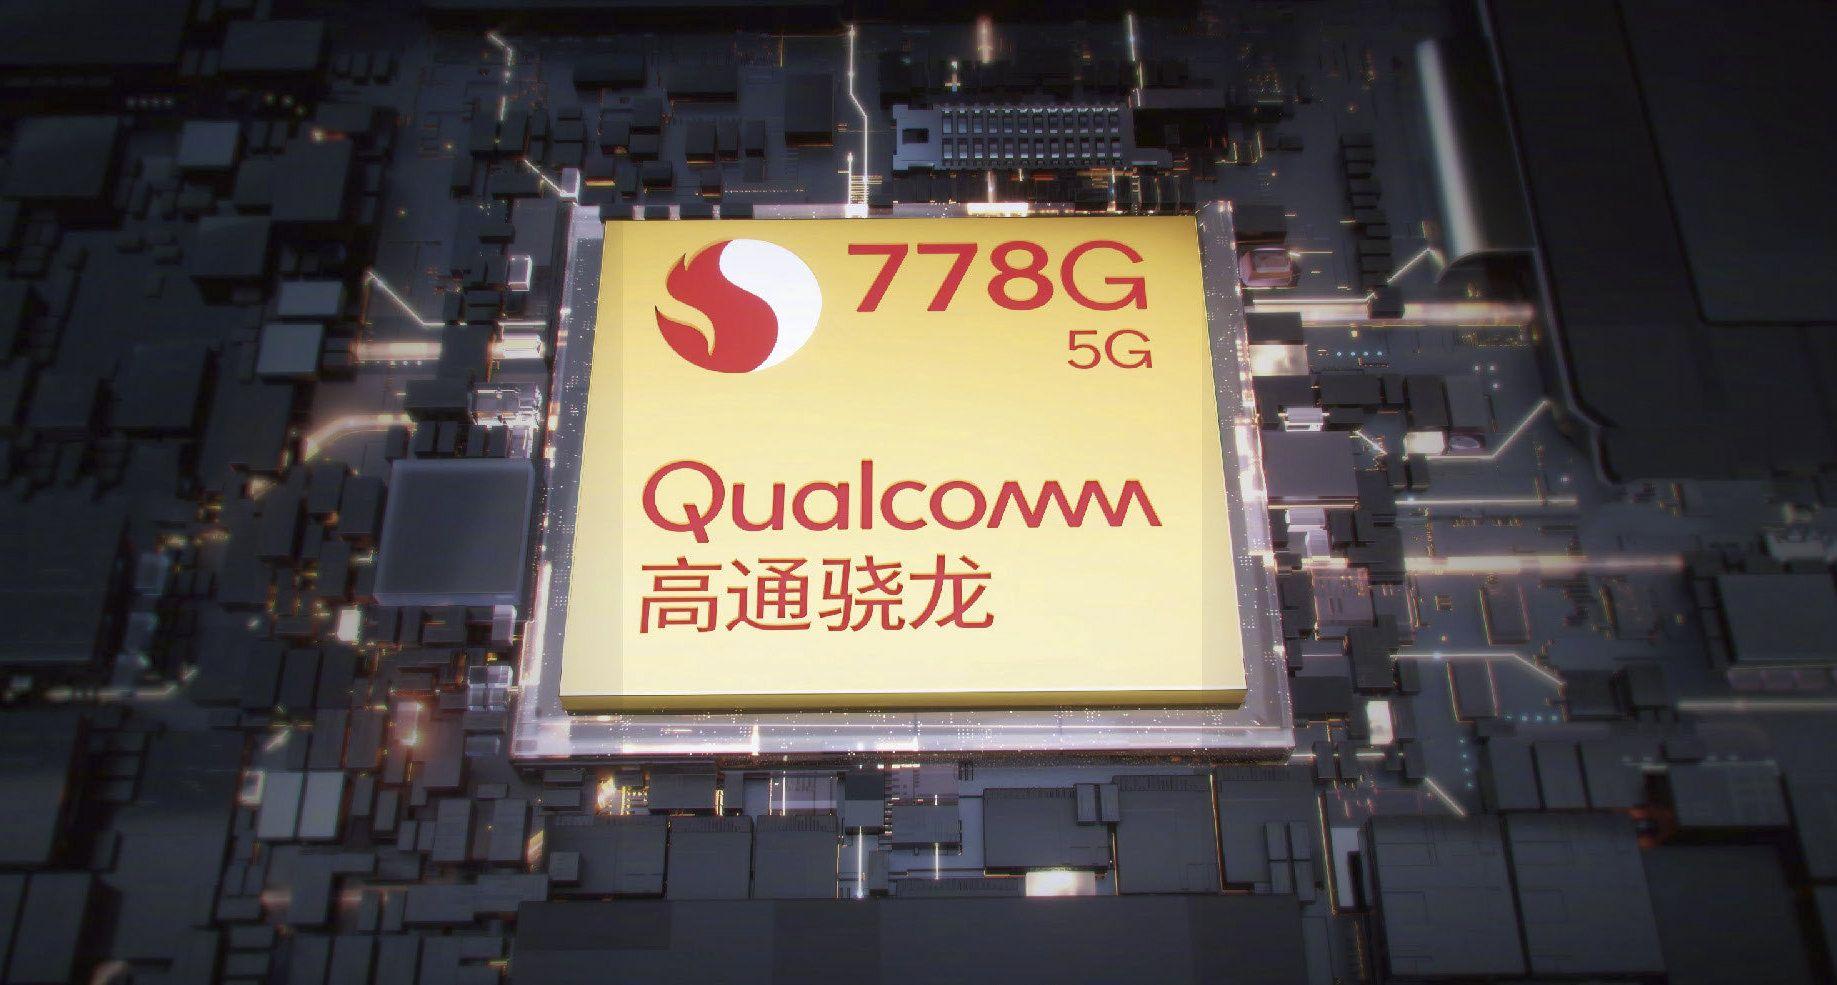 Snapdragon 778G 5GのAnTuTuスコアが判明。VS. 780G 5G、768G 5G、765G 5G